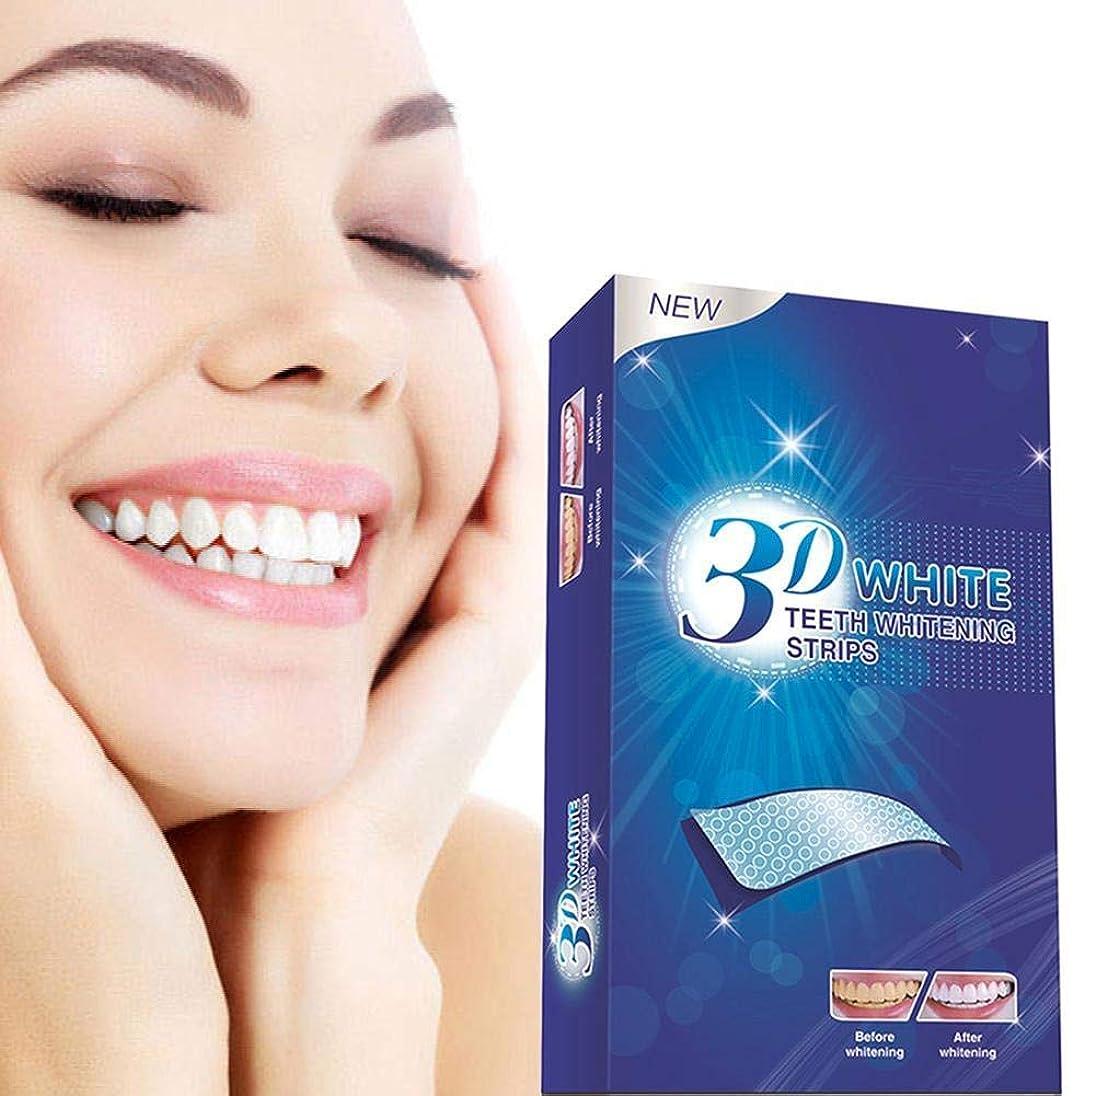 ラビリンス出費ぼかし歯 マニキュア ホワイトニング 歯を漂白 ホワイトニングテープ 歯美白ホワイトニング 歯ケア テープ 歯ケア 歯のホワイトニング 美白歯磨き (14枚)